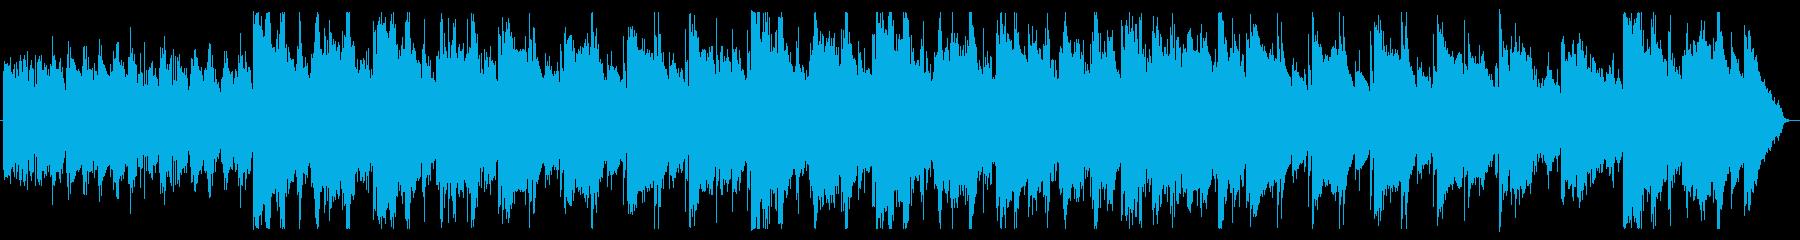 マリンバの包み込むような優しい音色の再生済みの波形